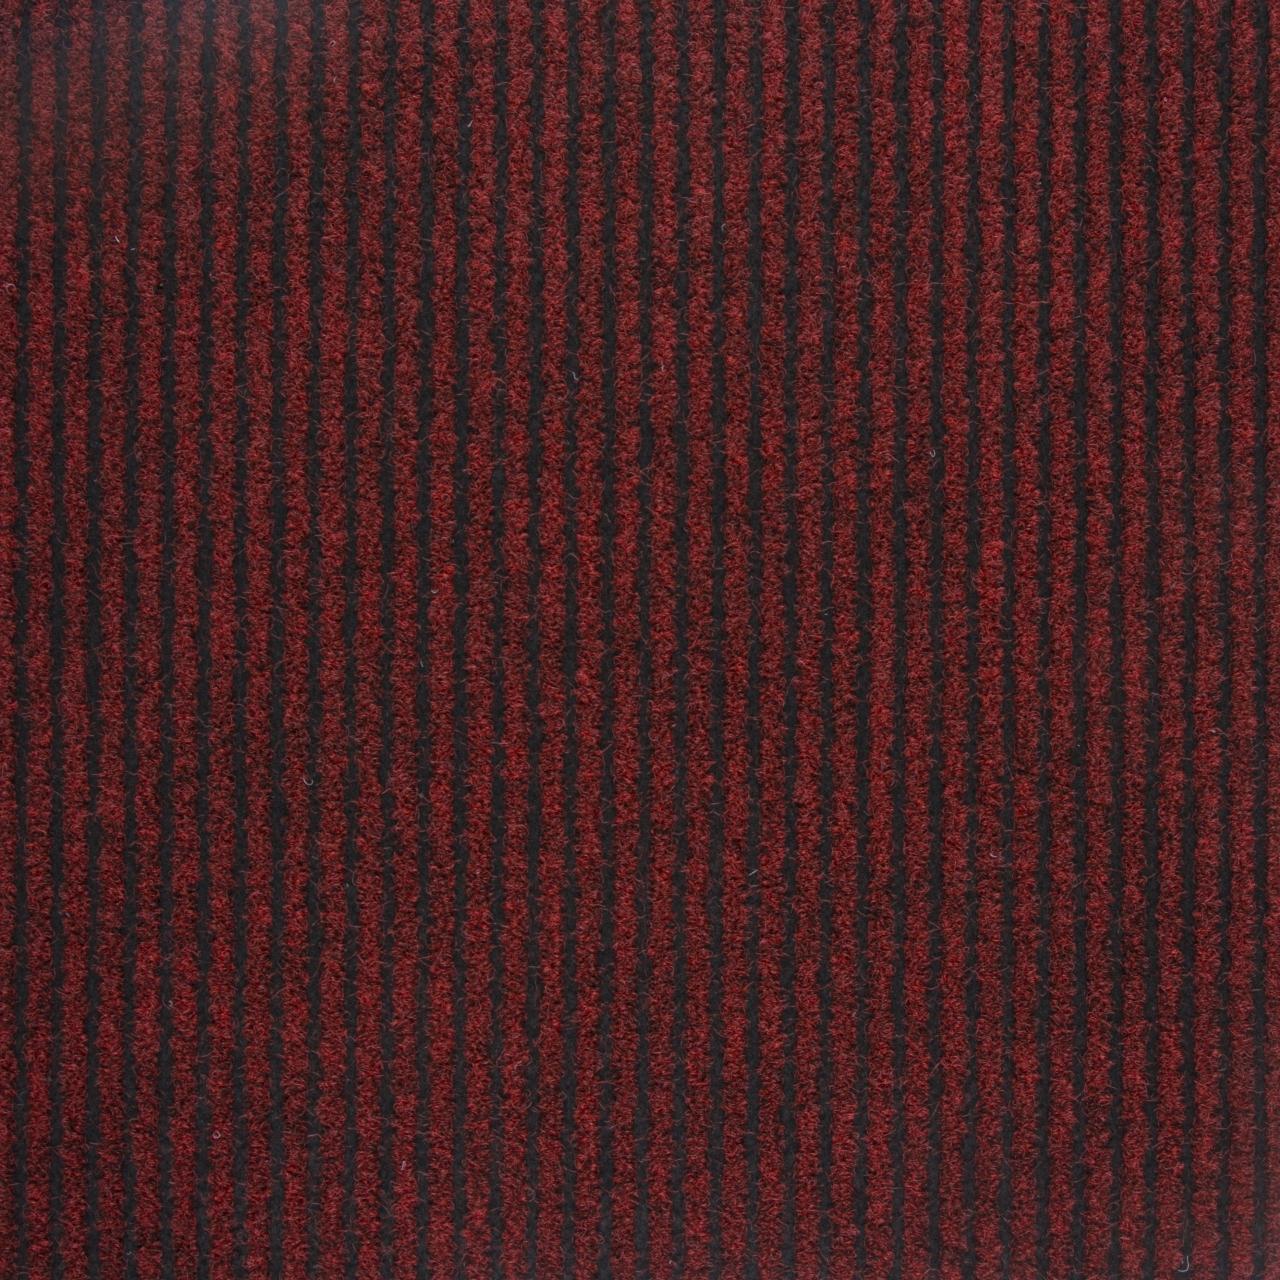 Ковровая дорожка 3066 - RED - коллекция Antwerpen - фото 1